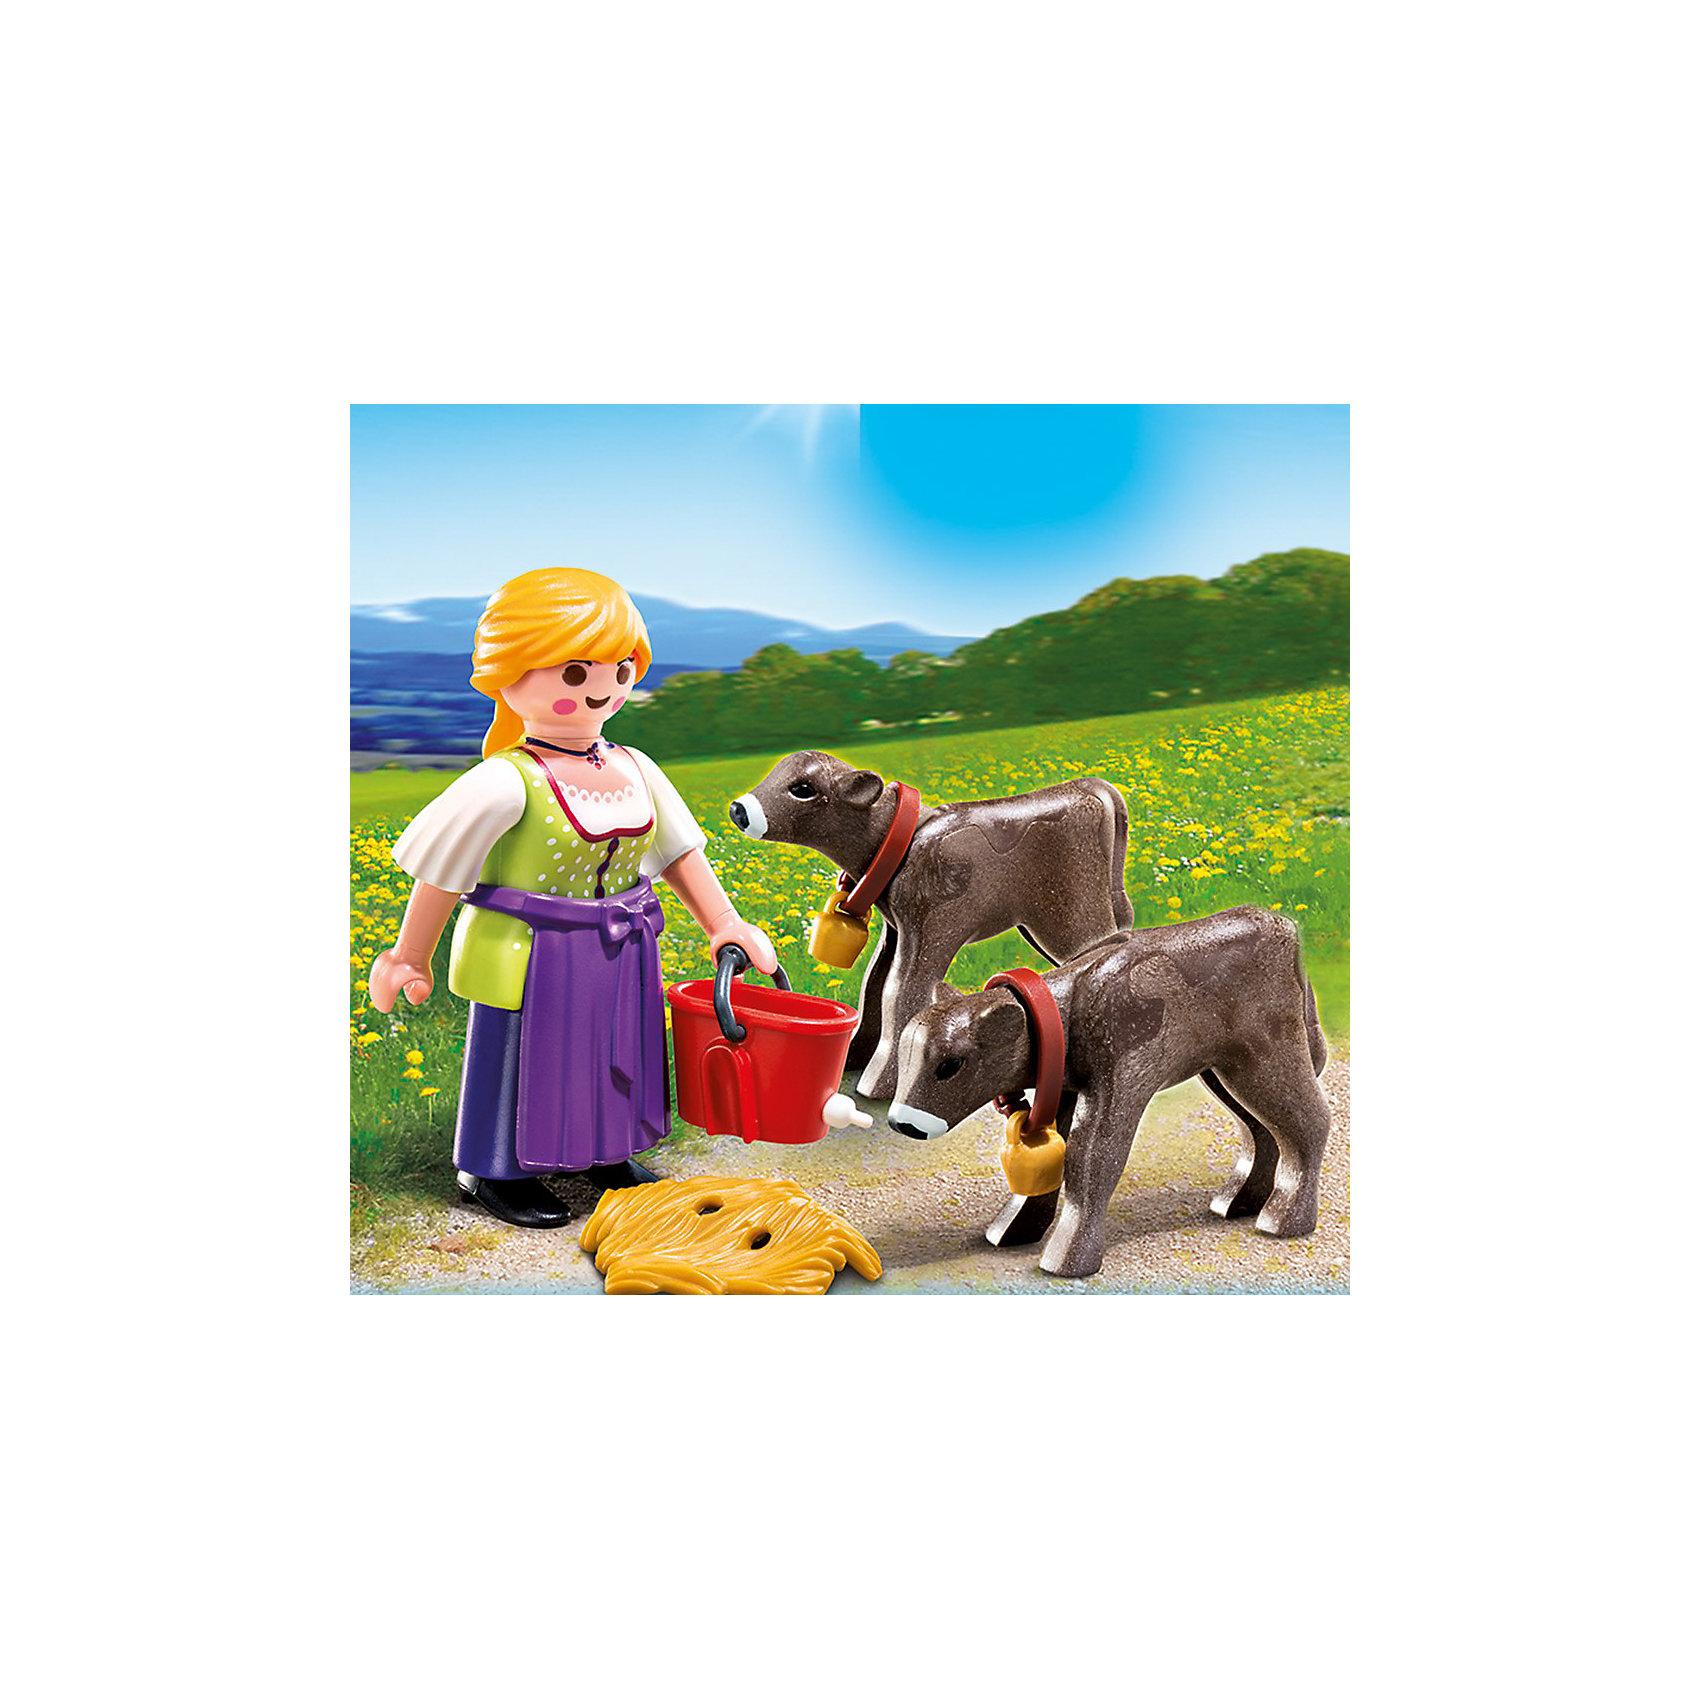 PLAYMOBIL® PLAYMOBIL 4778 Дополнение: Крестьянка с телятами playmobil® в поисках приключений семья рысей с кинооператором playmobil